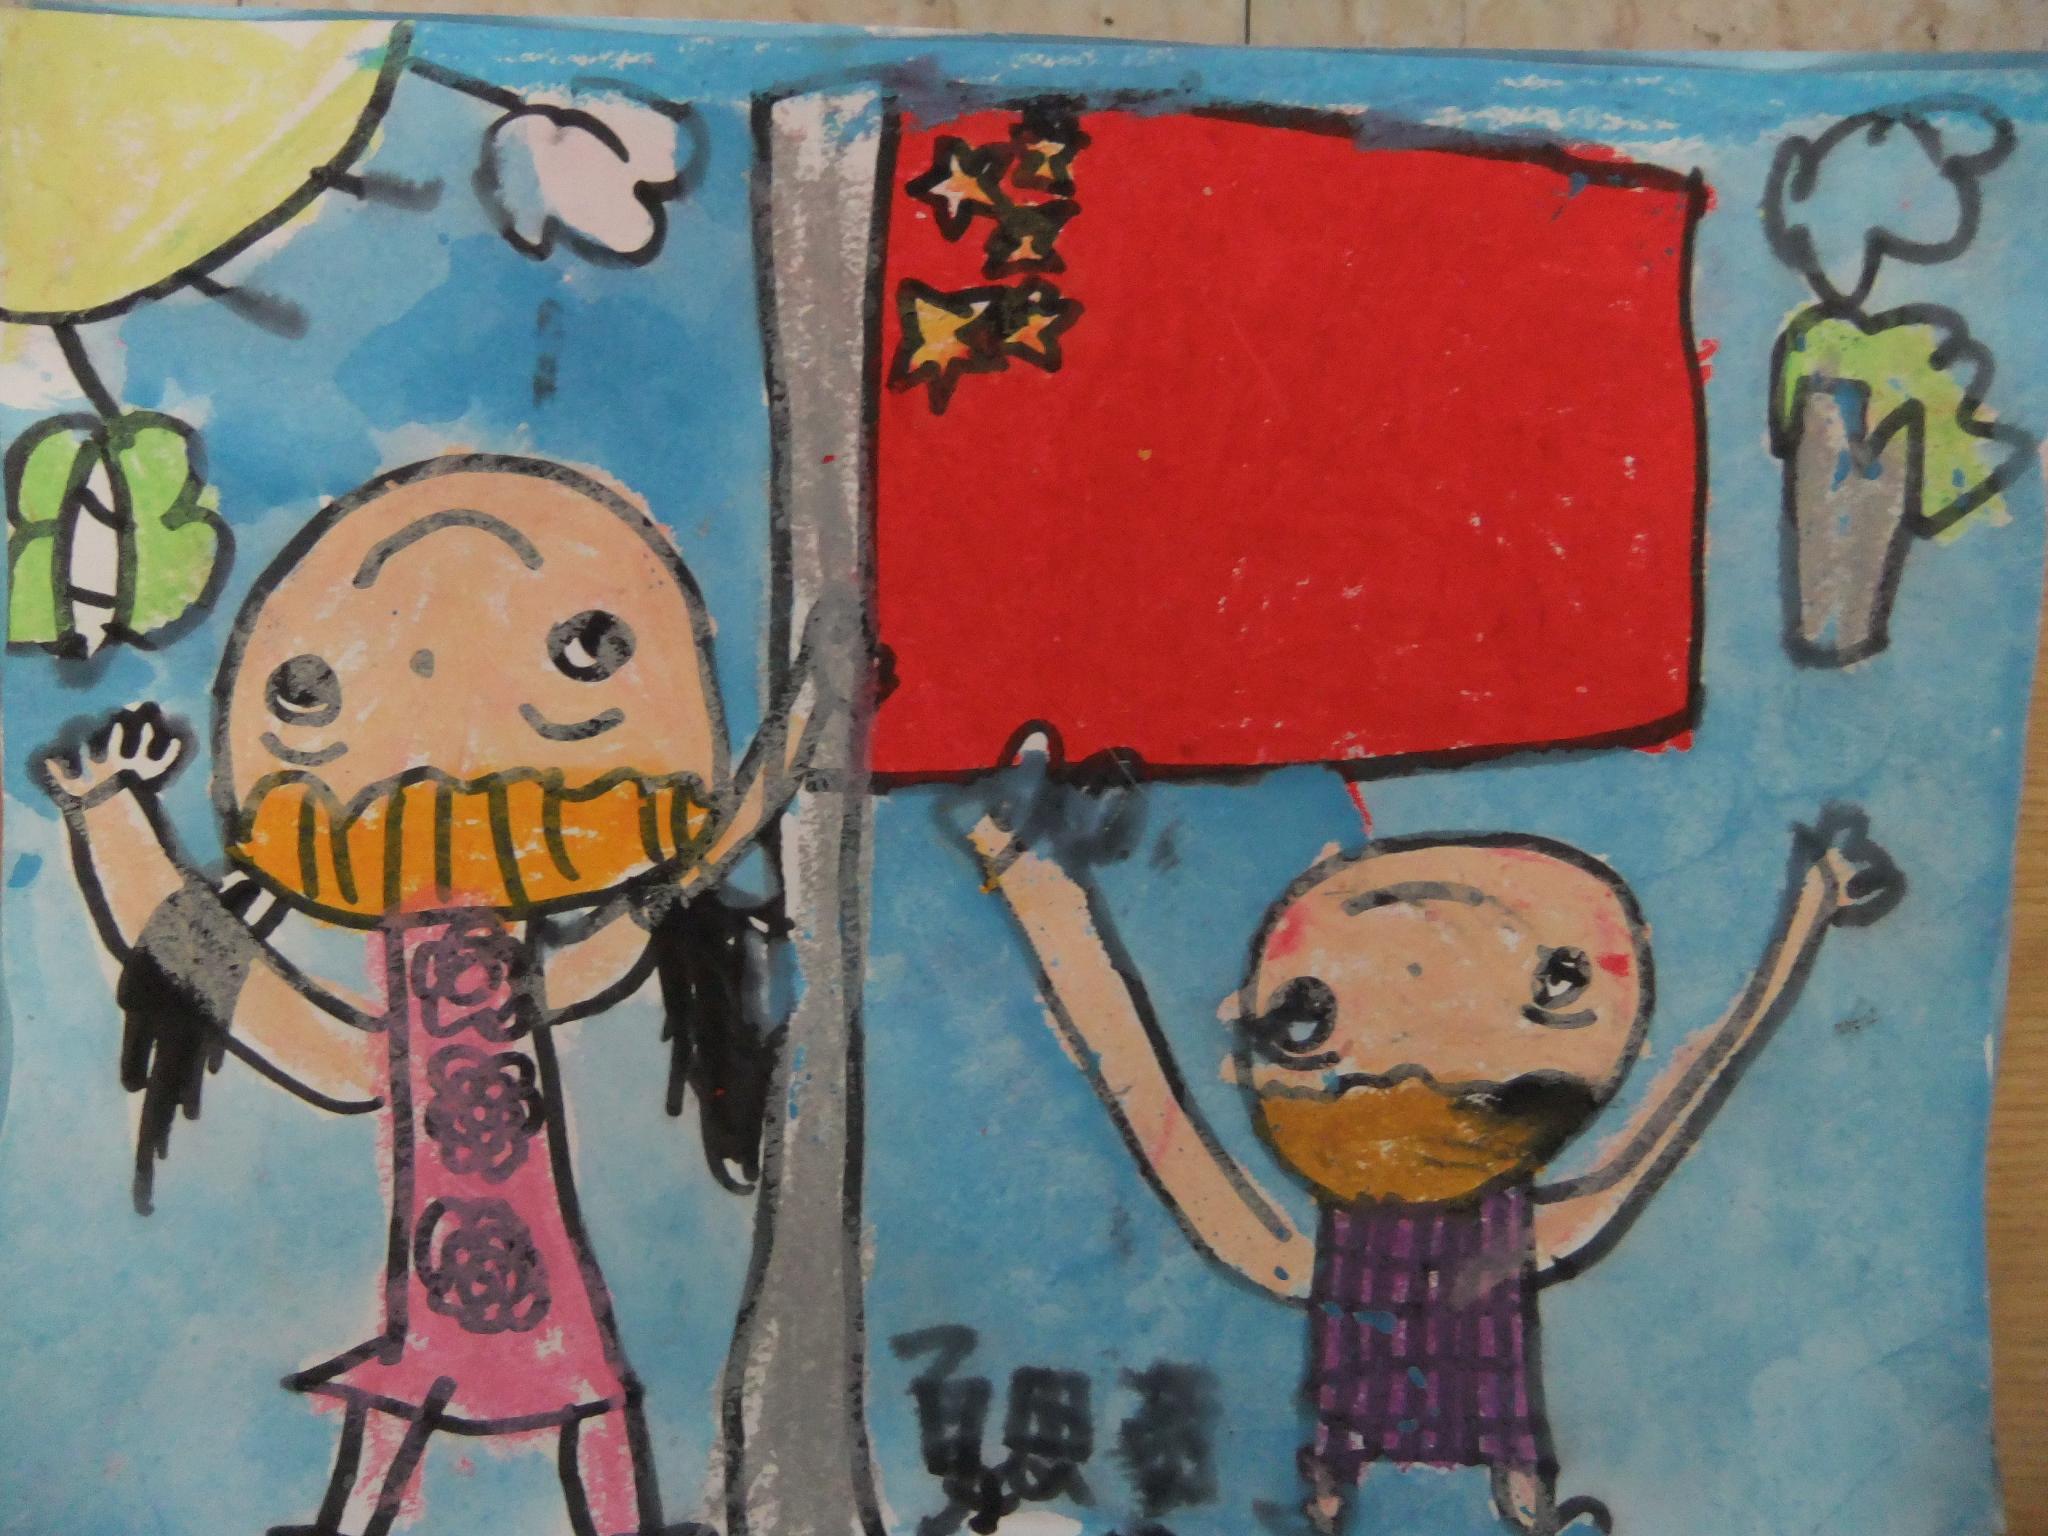 园所主页 毕业大一班2012 幼儿作品 大班作品 我是中国人 升国旗